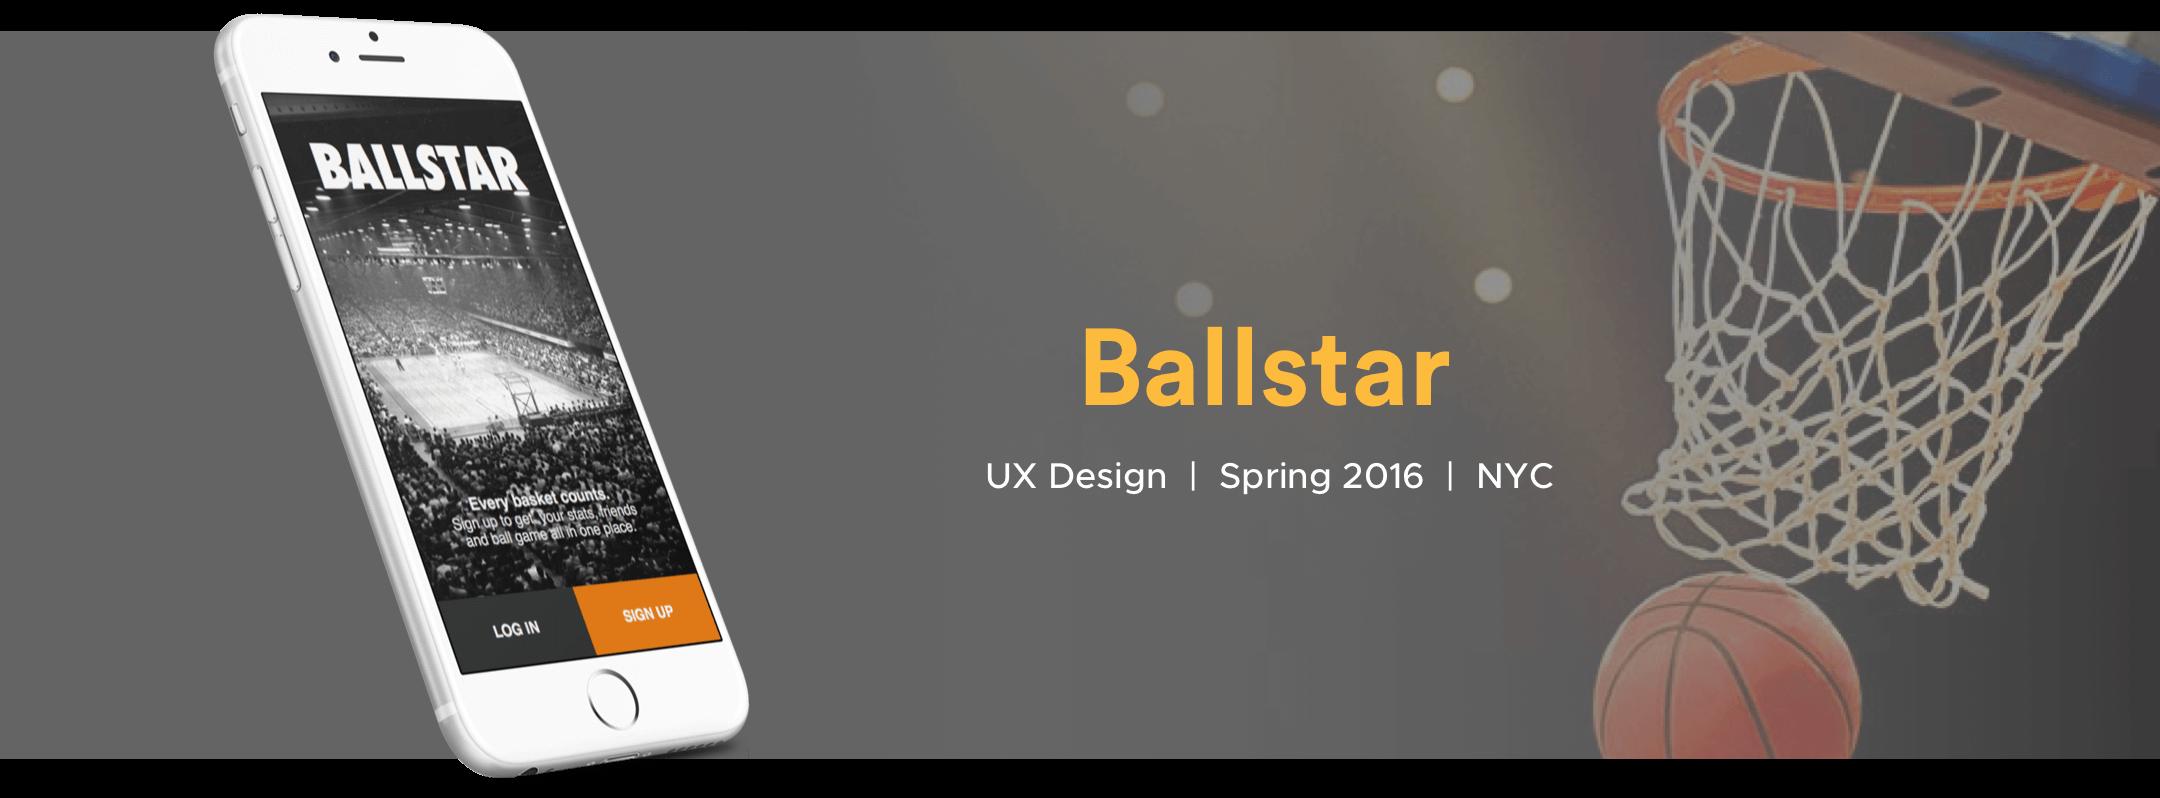 ballstar_banner_1.5x